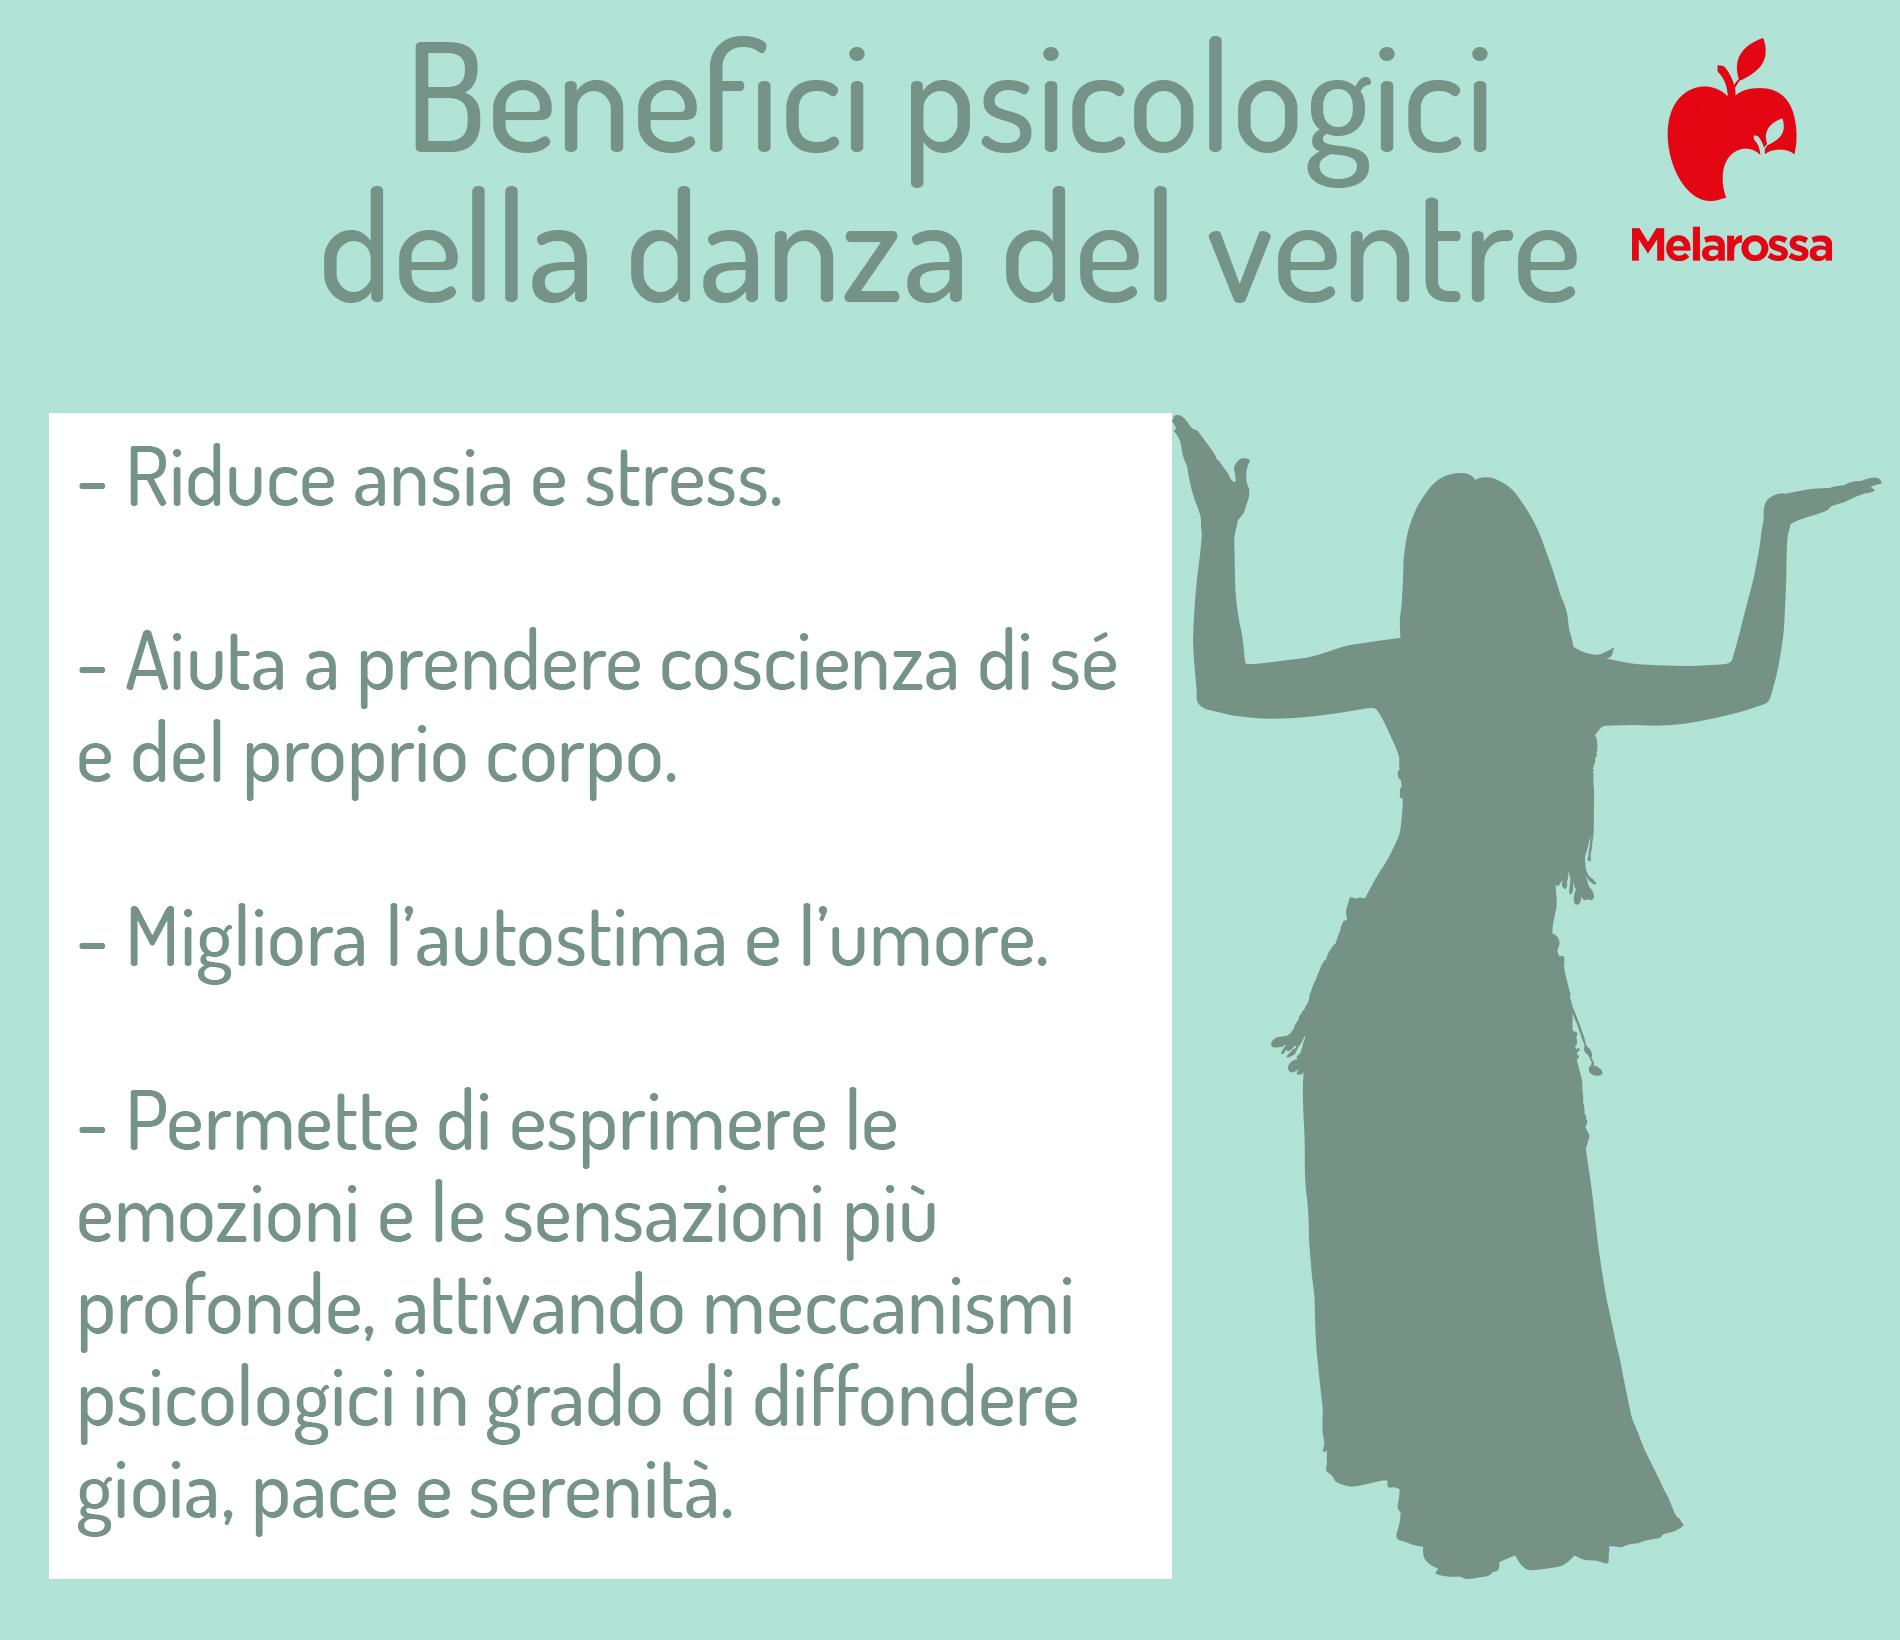 Benefici psicologici della danza del ventre